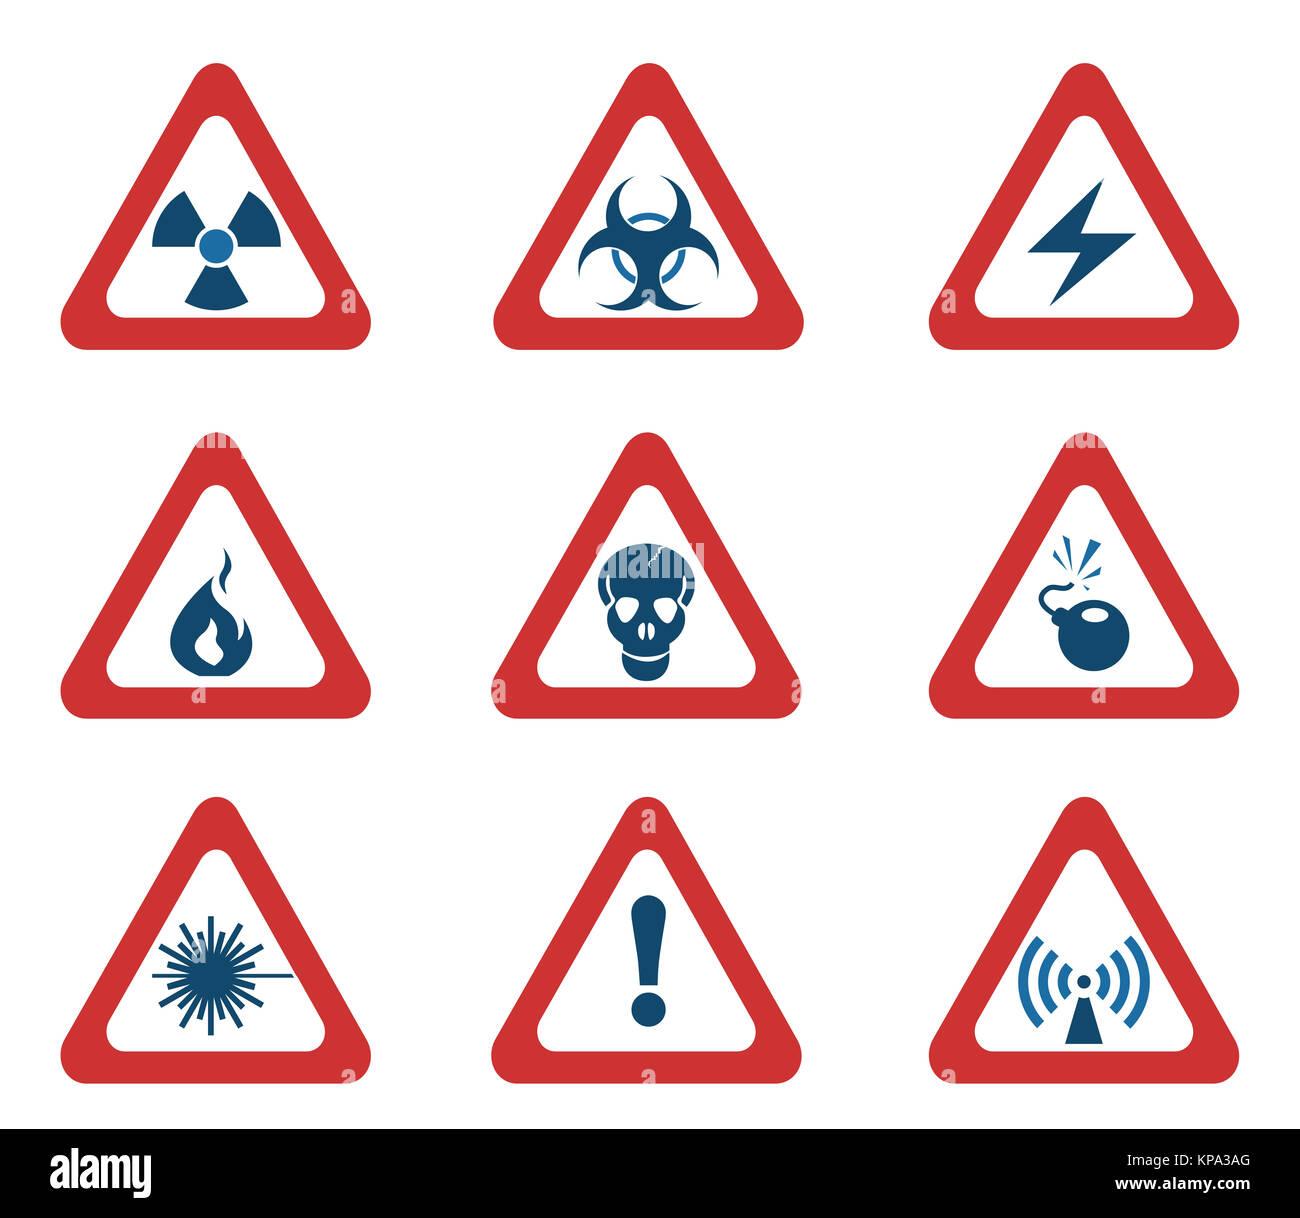 5c49da2c2d03b Conjunto de señales de advertencia de peligro triangular Foto ...